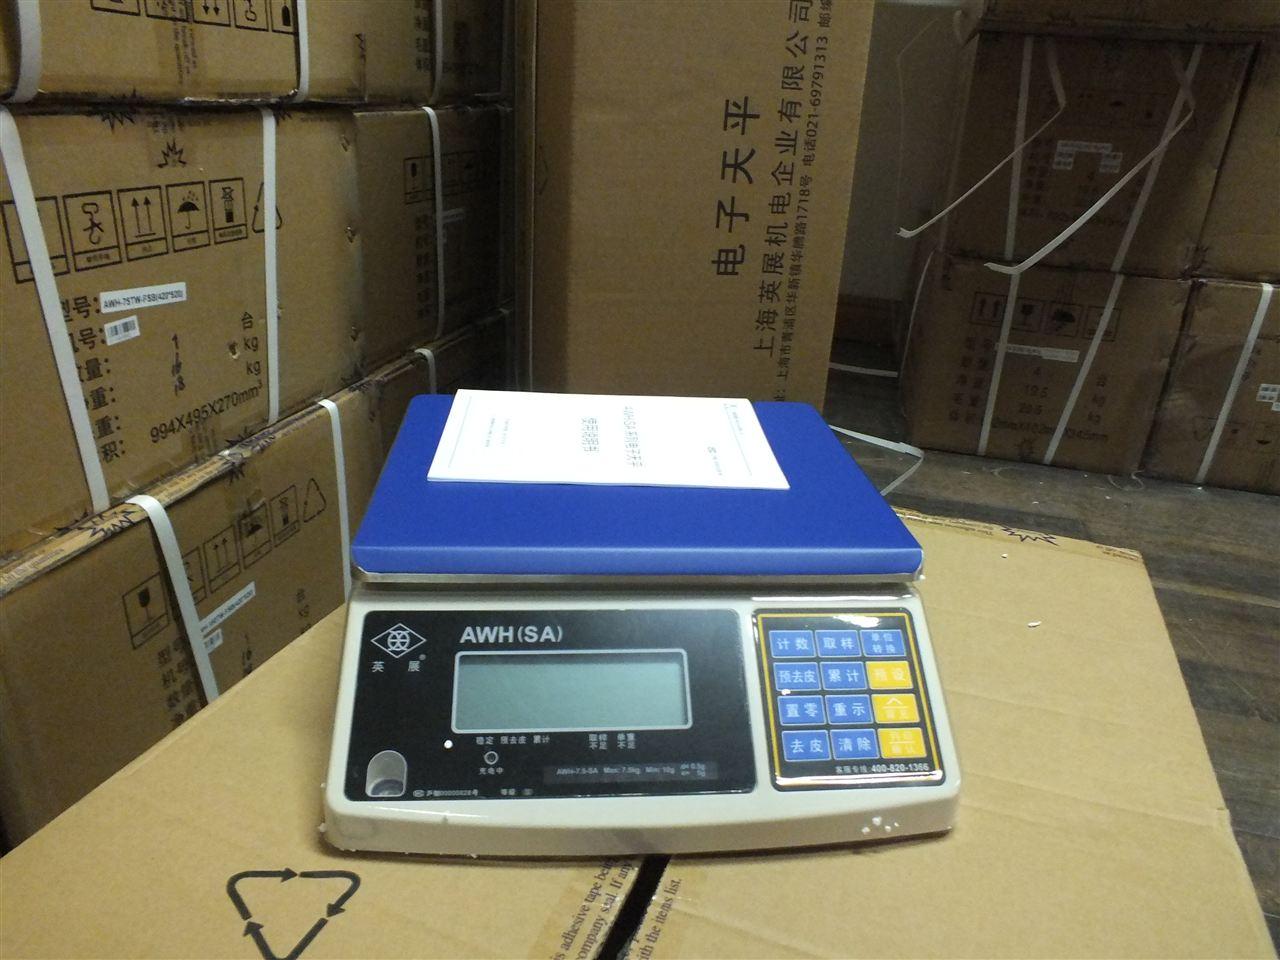 2,重点检查220v供电是否正常; 3,电子秤内部各路稳压电路是否正常; 4